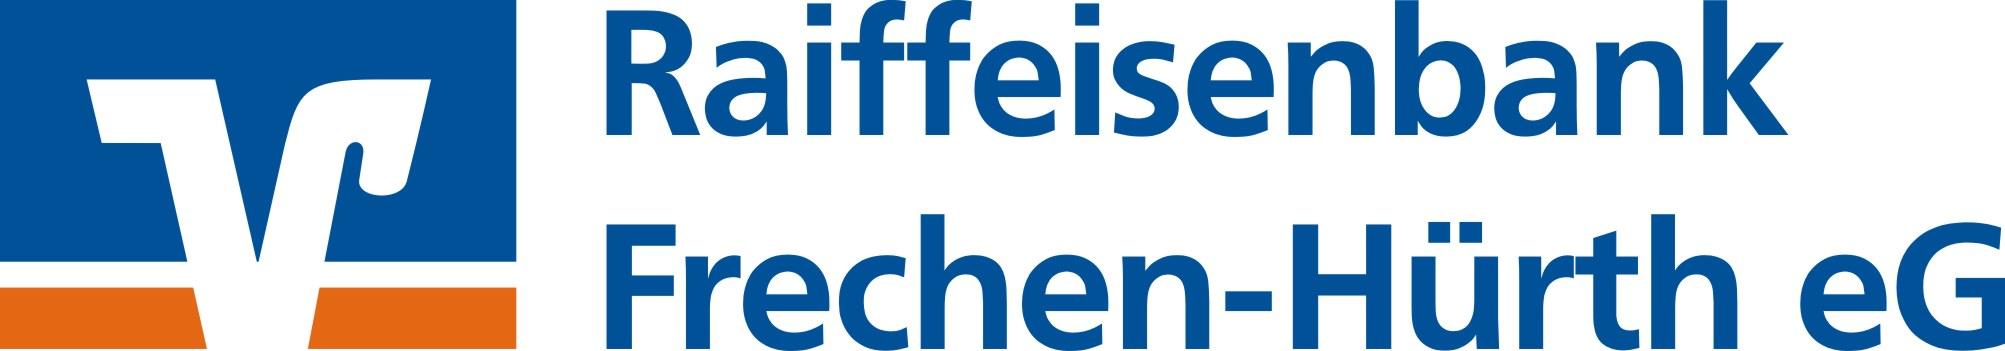 Raiffeisenbank Frechen-Hürth eG, Geschäftsstelle Urbach